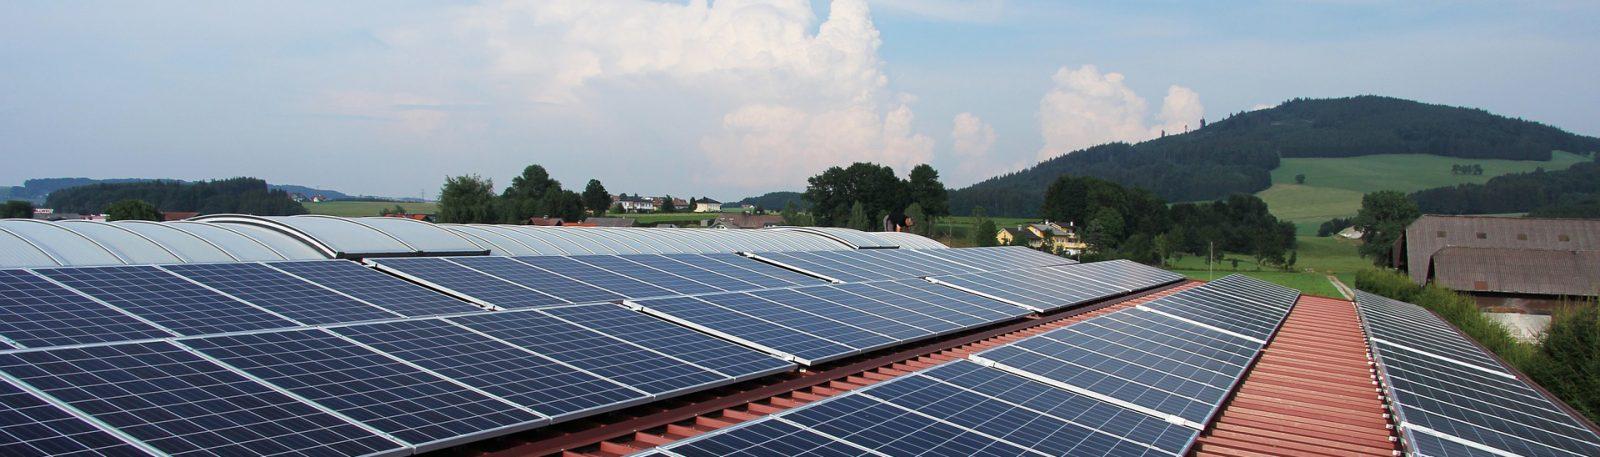 La Sociedad Y El Sector Renovable Piden Al Ministro Concreción En La Transición Energética Y Alineación Con Europa En Autoconsumo